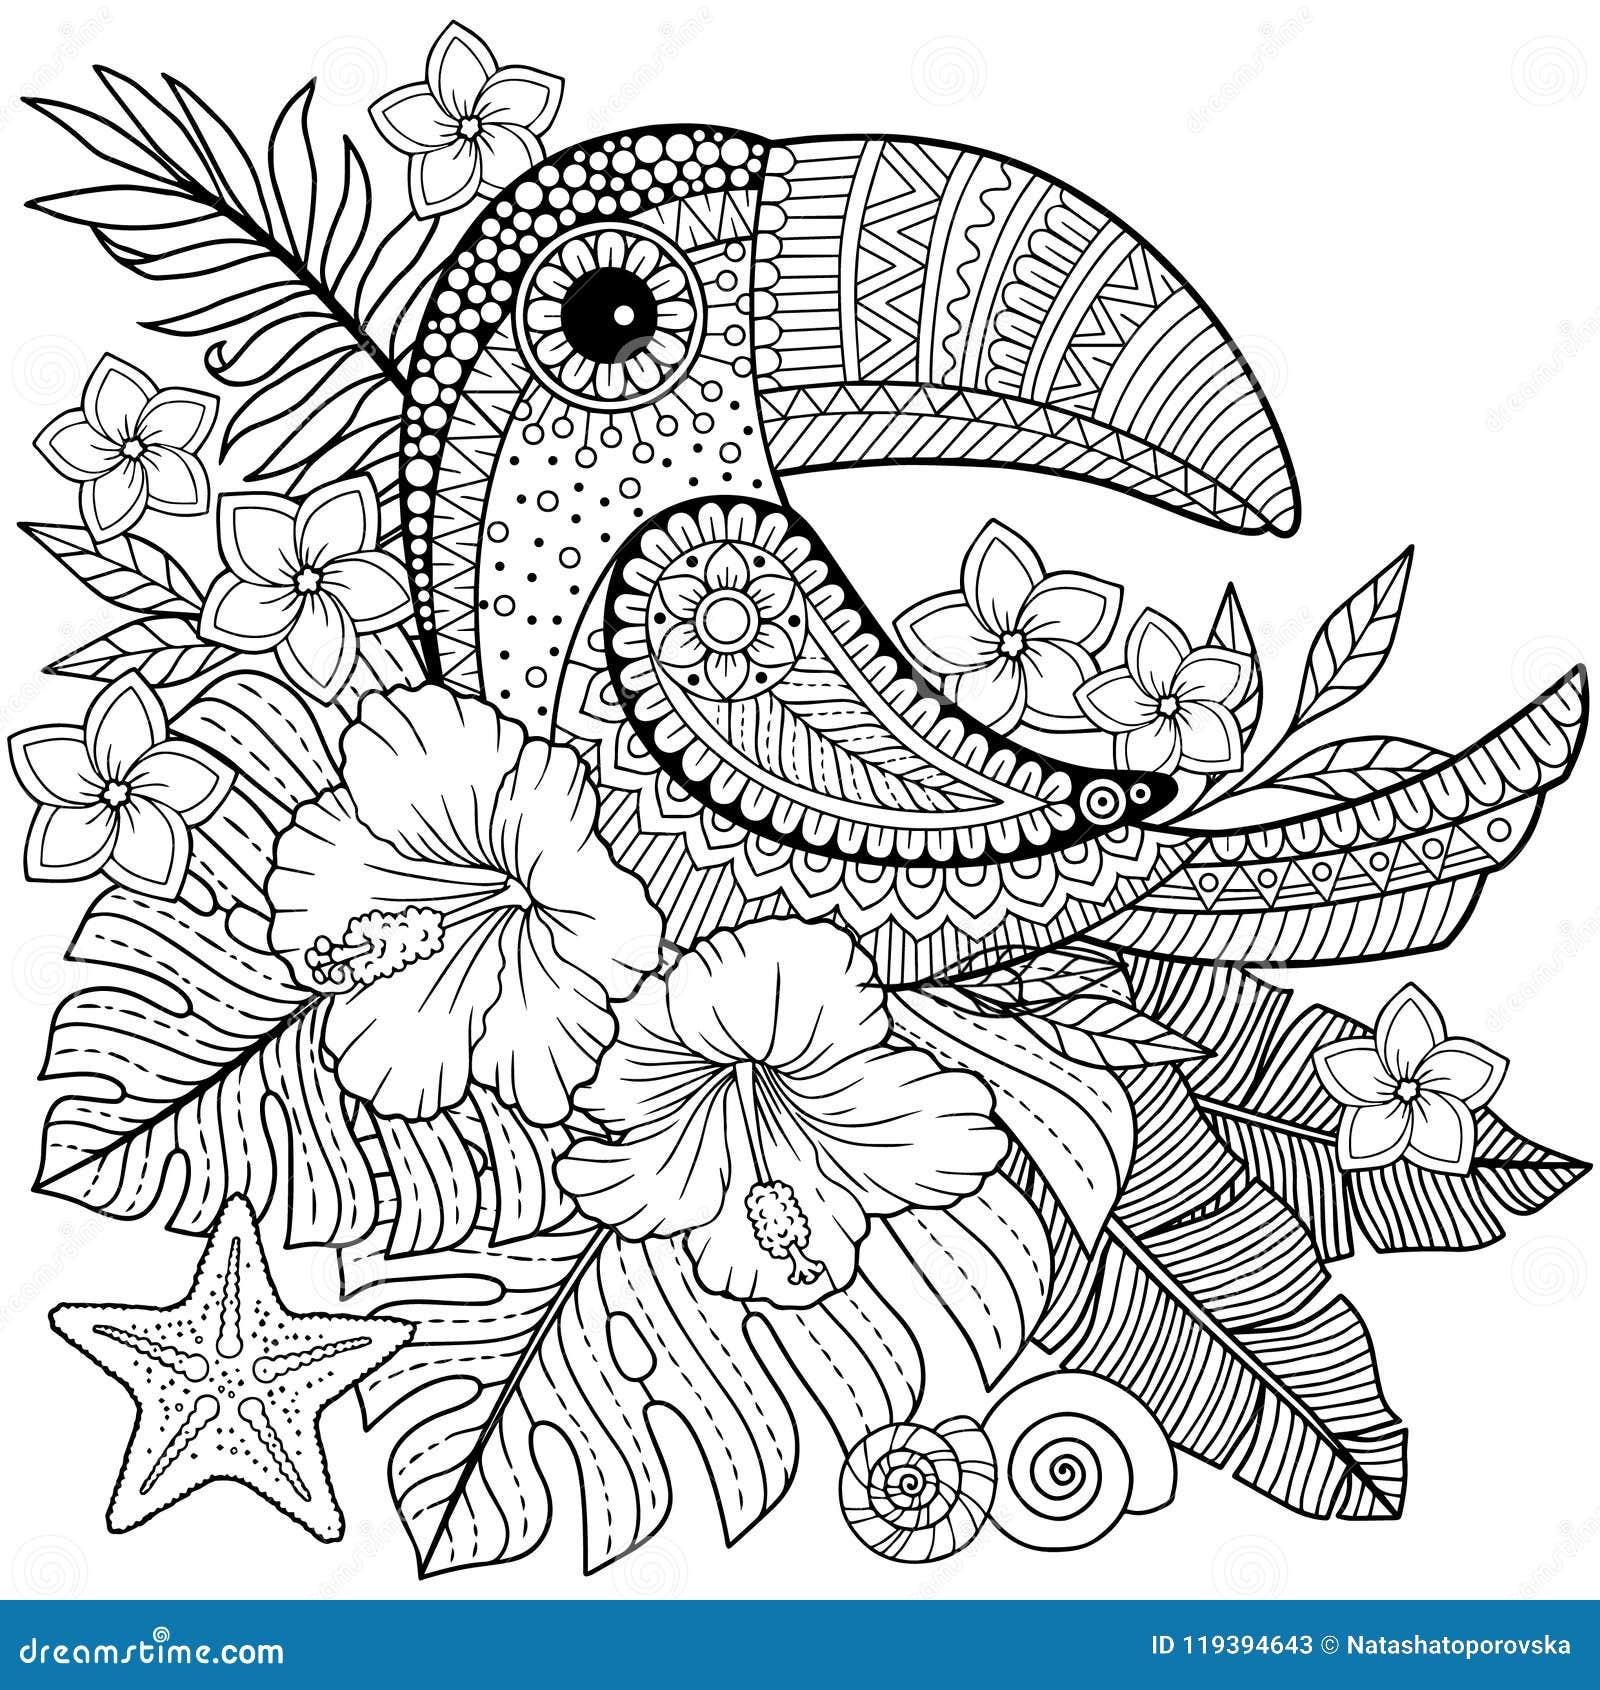 Coloriage Fleur Hawai.Livre De Coloriage Pour Des Adultes Toucan Parmi Les Feuilles Et Les